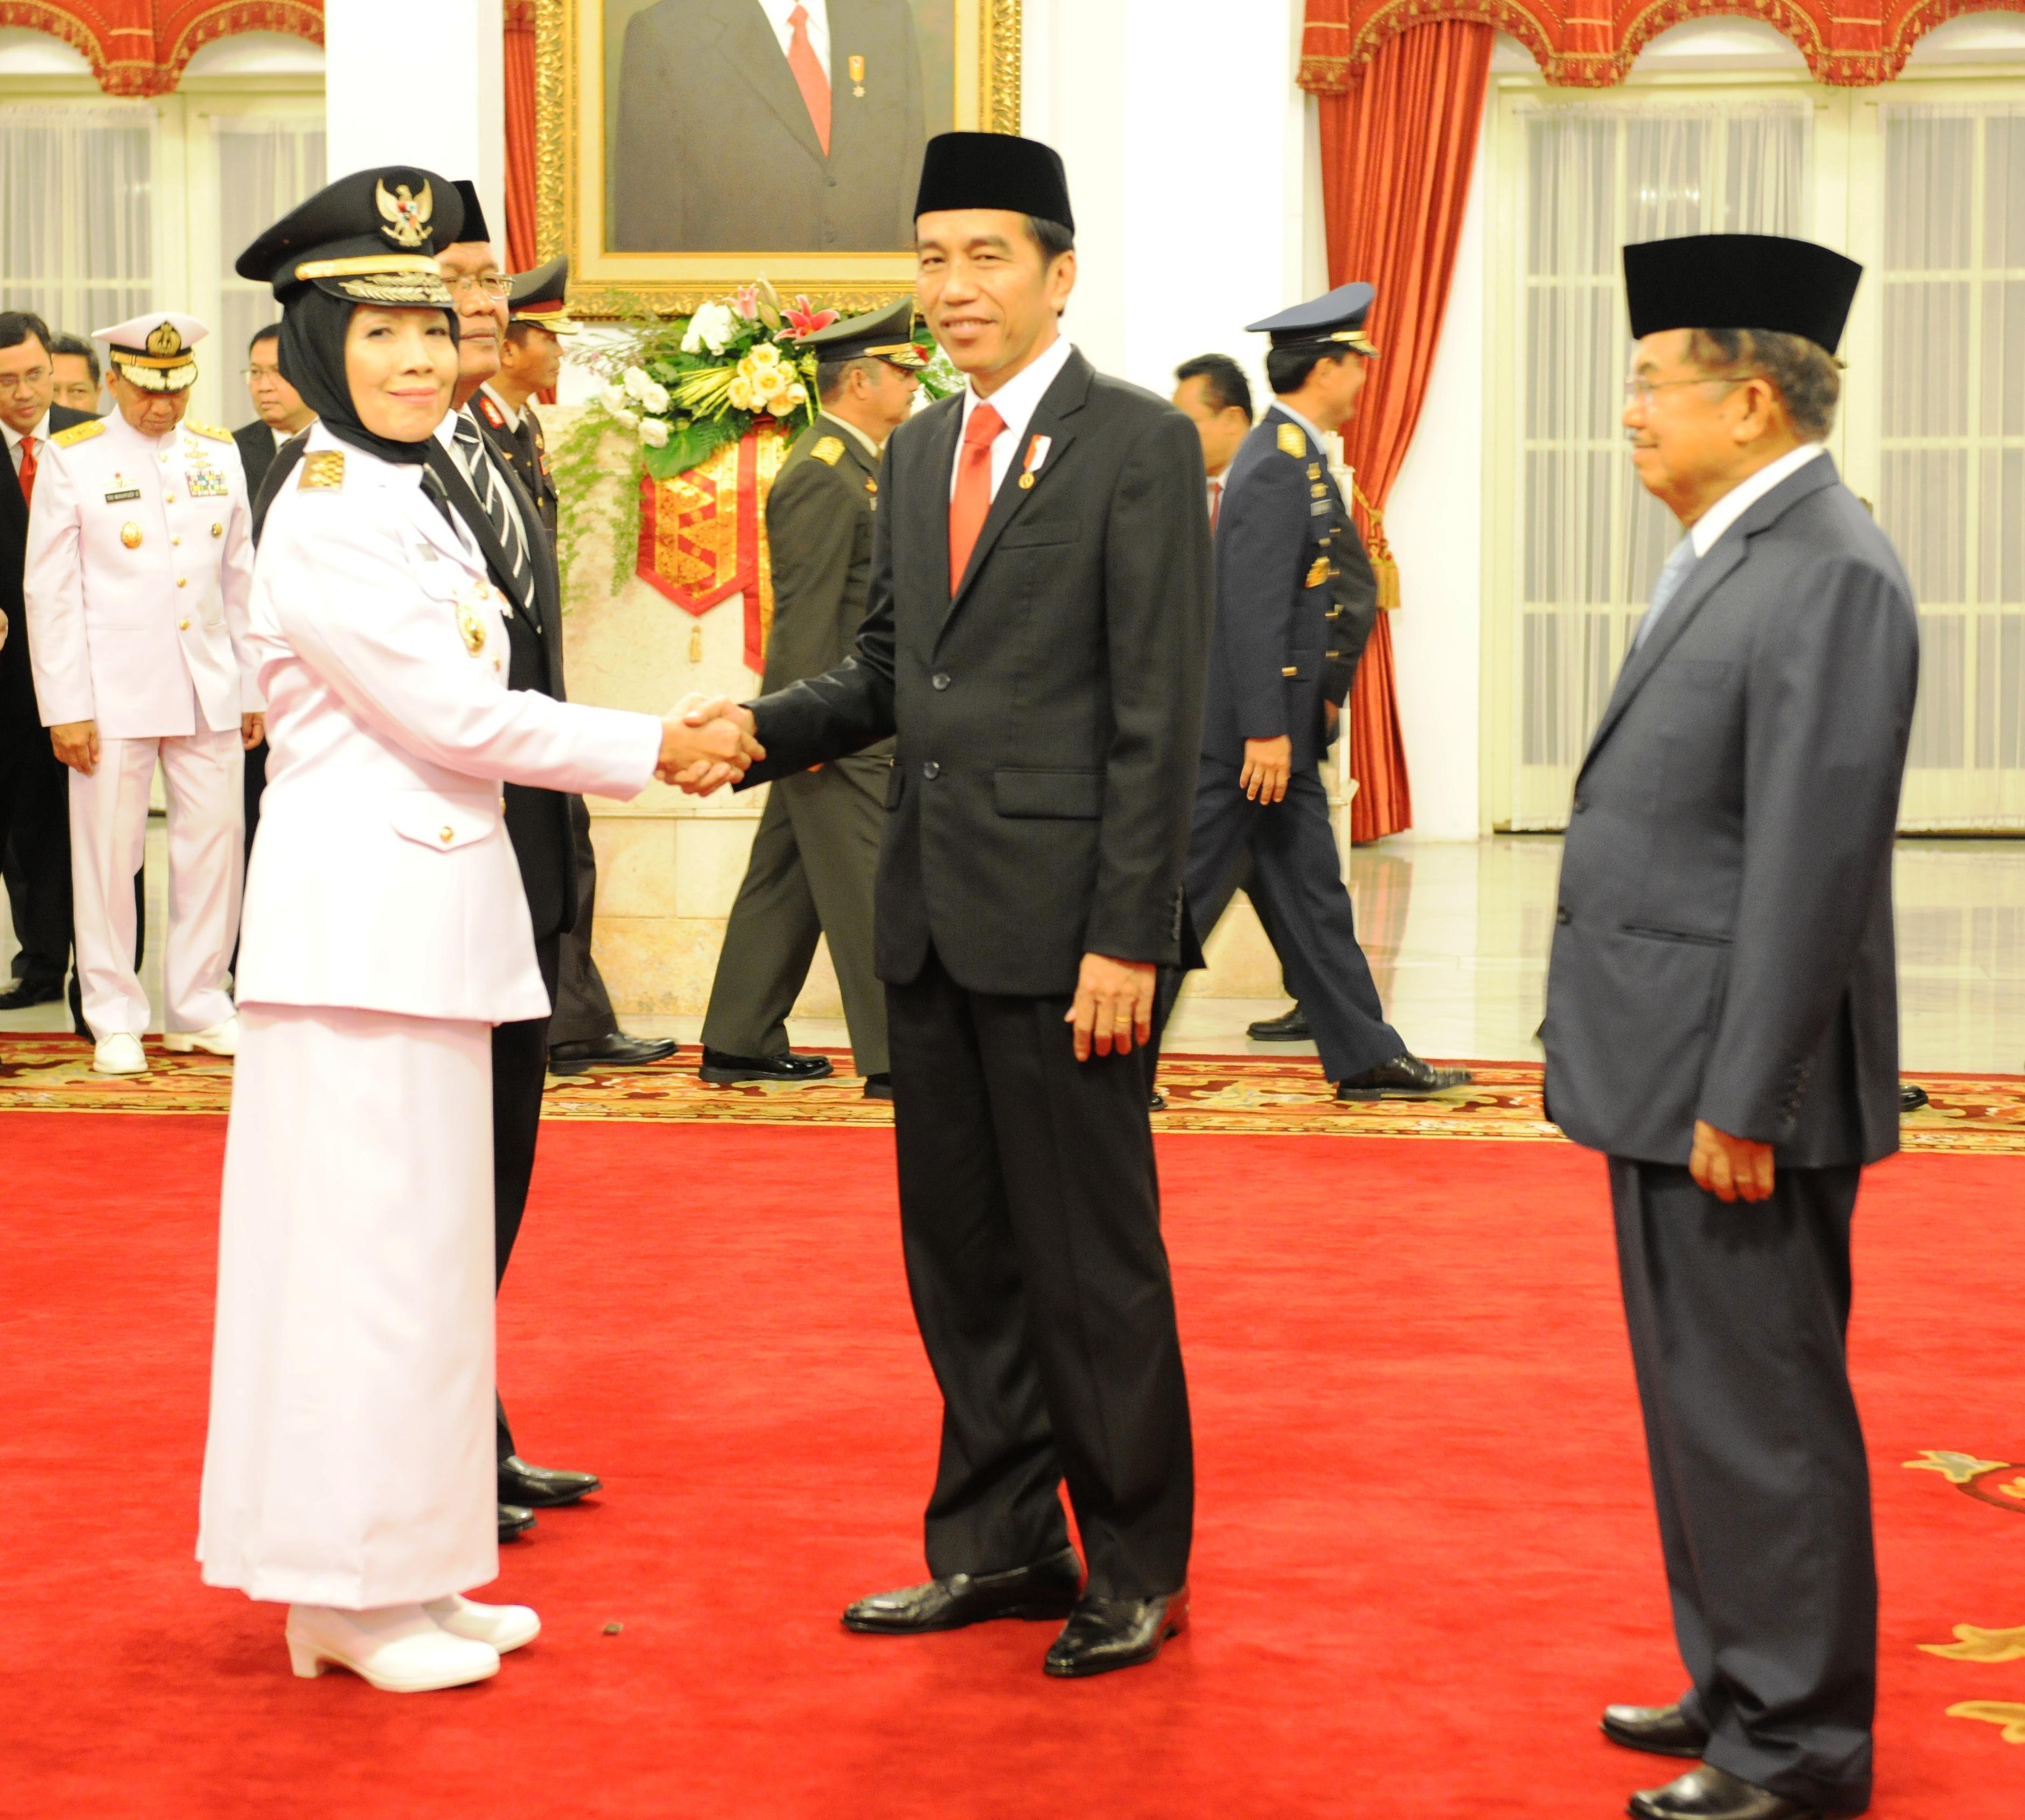 Presiden Jokowi didampingi Wapres Jusuf Kalla menyampaikan ucapan selamat kepada Nurhajizah Marpaung yang baru dilantiknya sebagai Wagub Sumut, di Istana Negara, Jakarta, Kamis (9/3) pagi. (Foto: Agung/Humas)